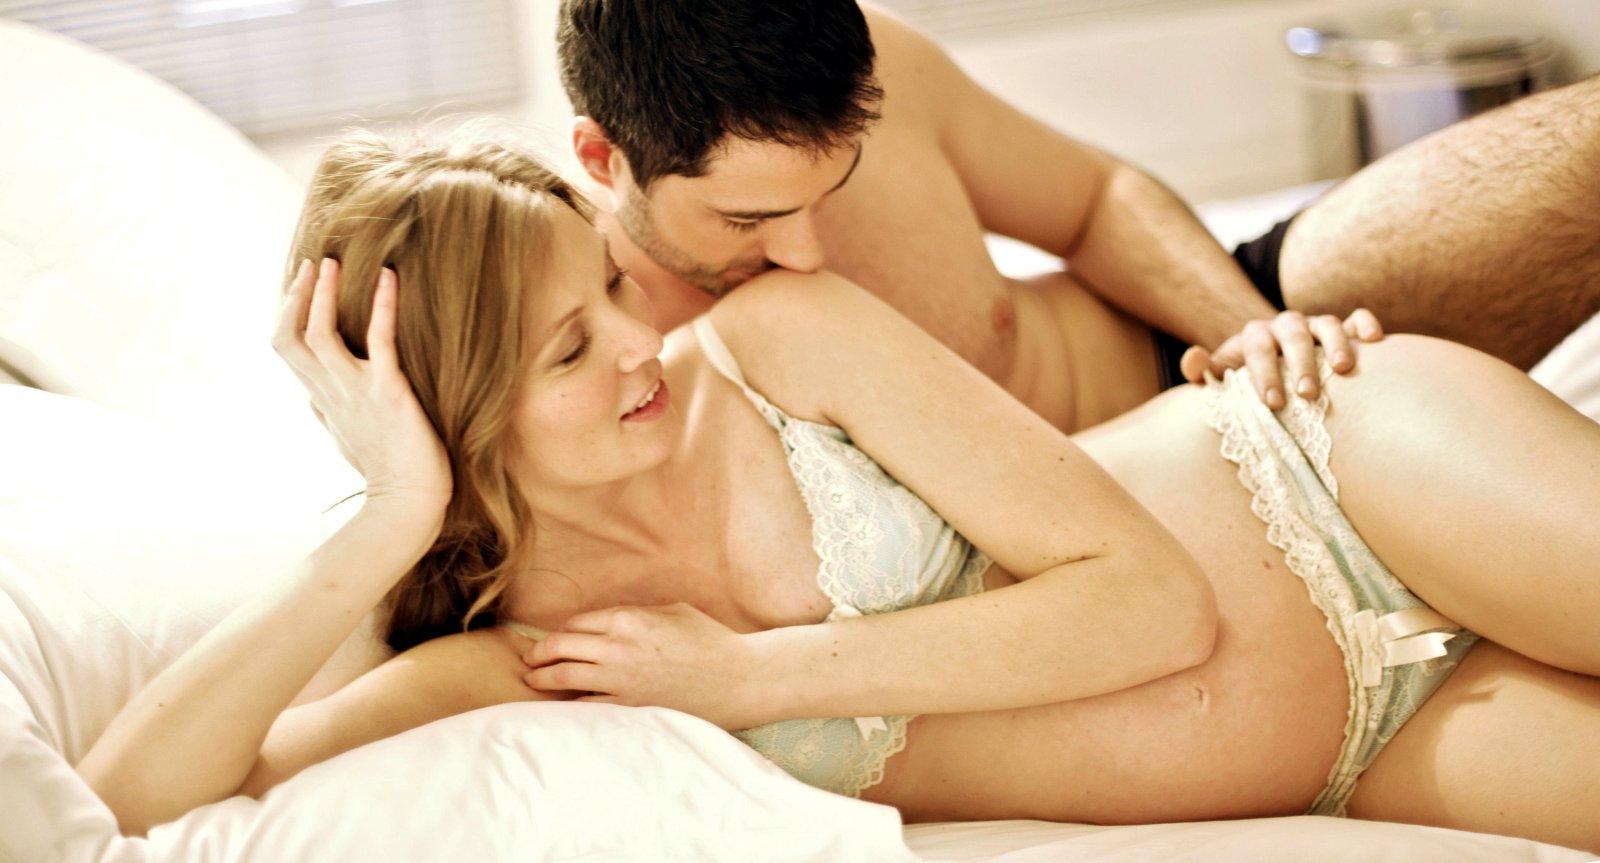 Не испытываю оргазма при обычном сексе